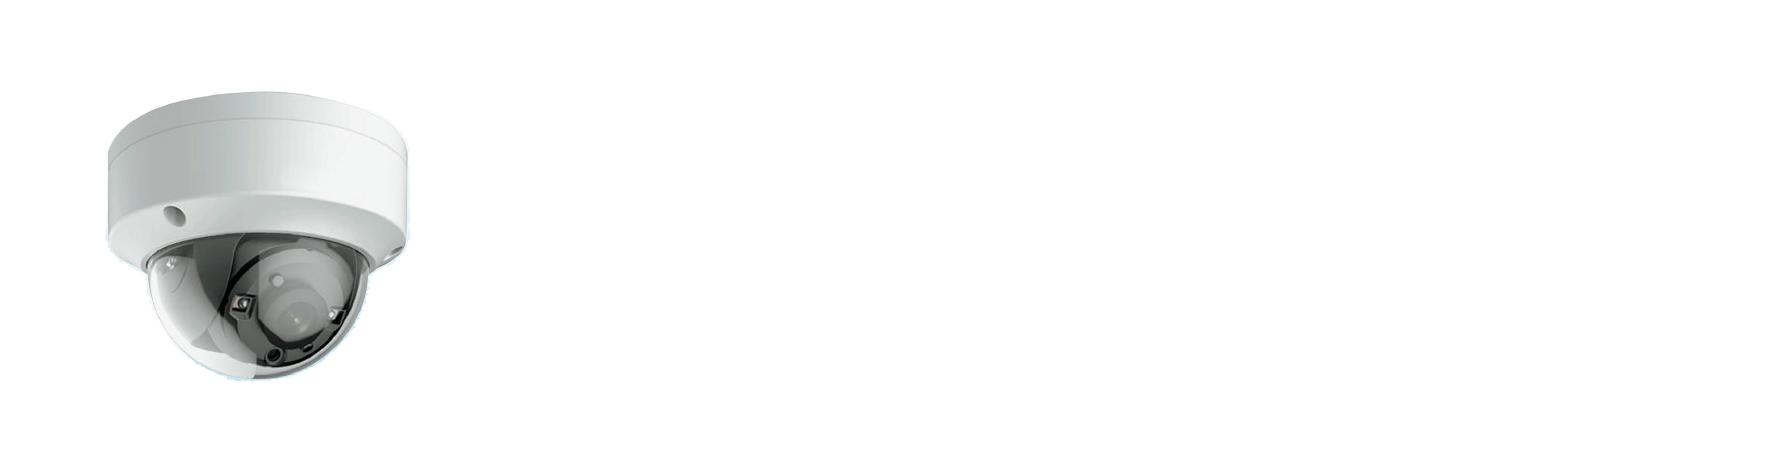 111 1 - TOP